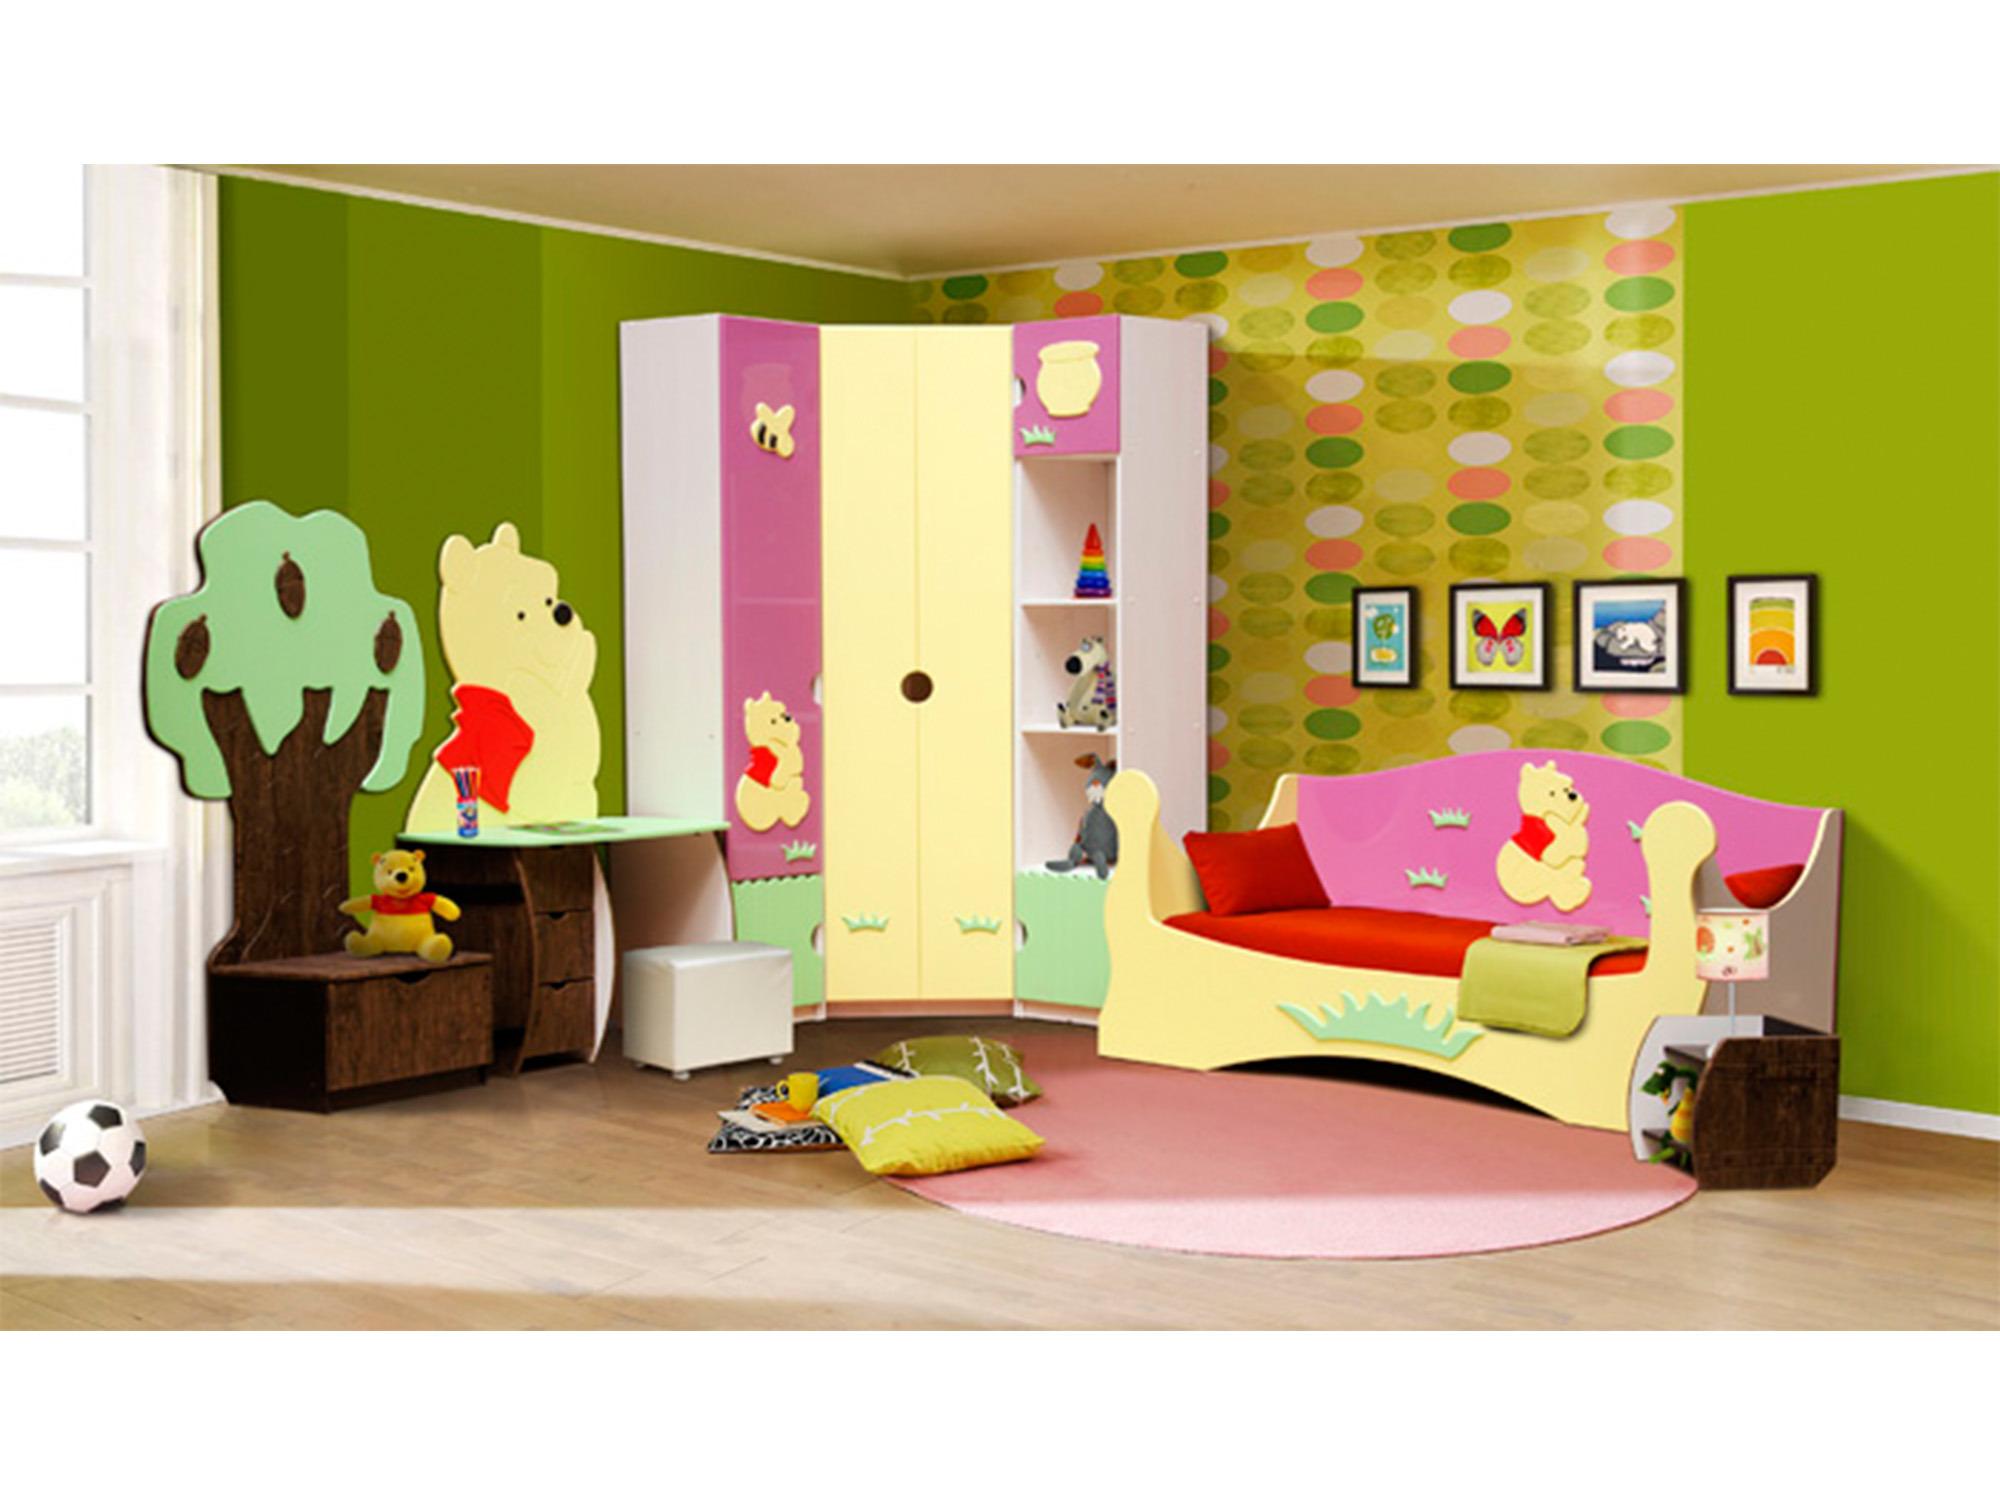 Спальный гарнитур Медвежонок 1Детские комнаты<br><br><br>Длина мм: 4150<br>Высота мм: 2200<br>Глубина мм: 580